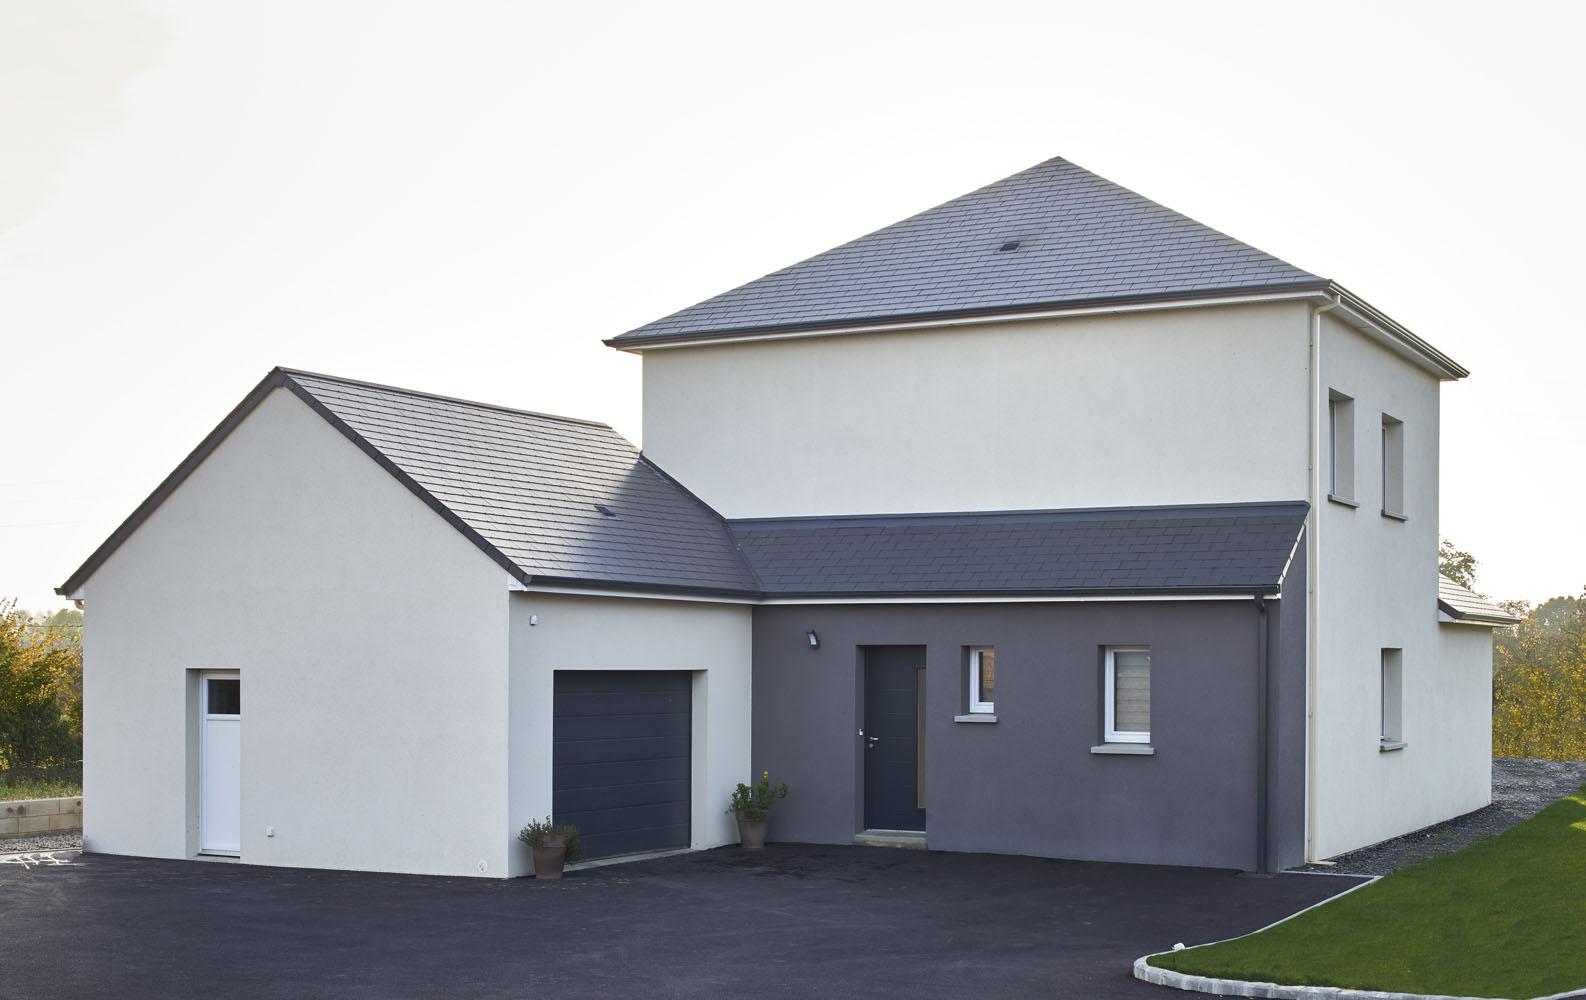 Maison Contemporaines Moderne - Bayeux - 08